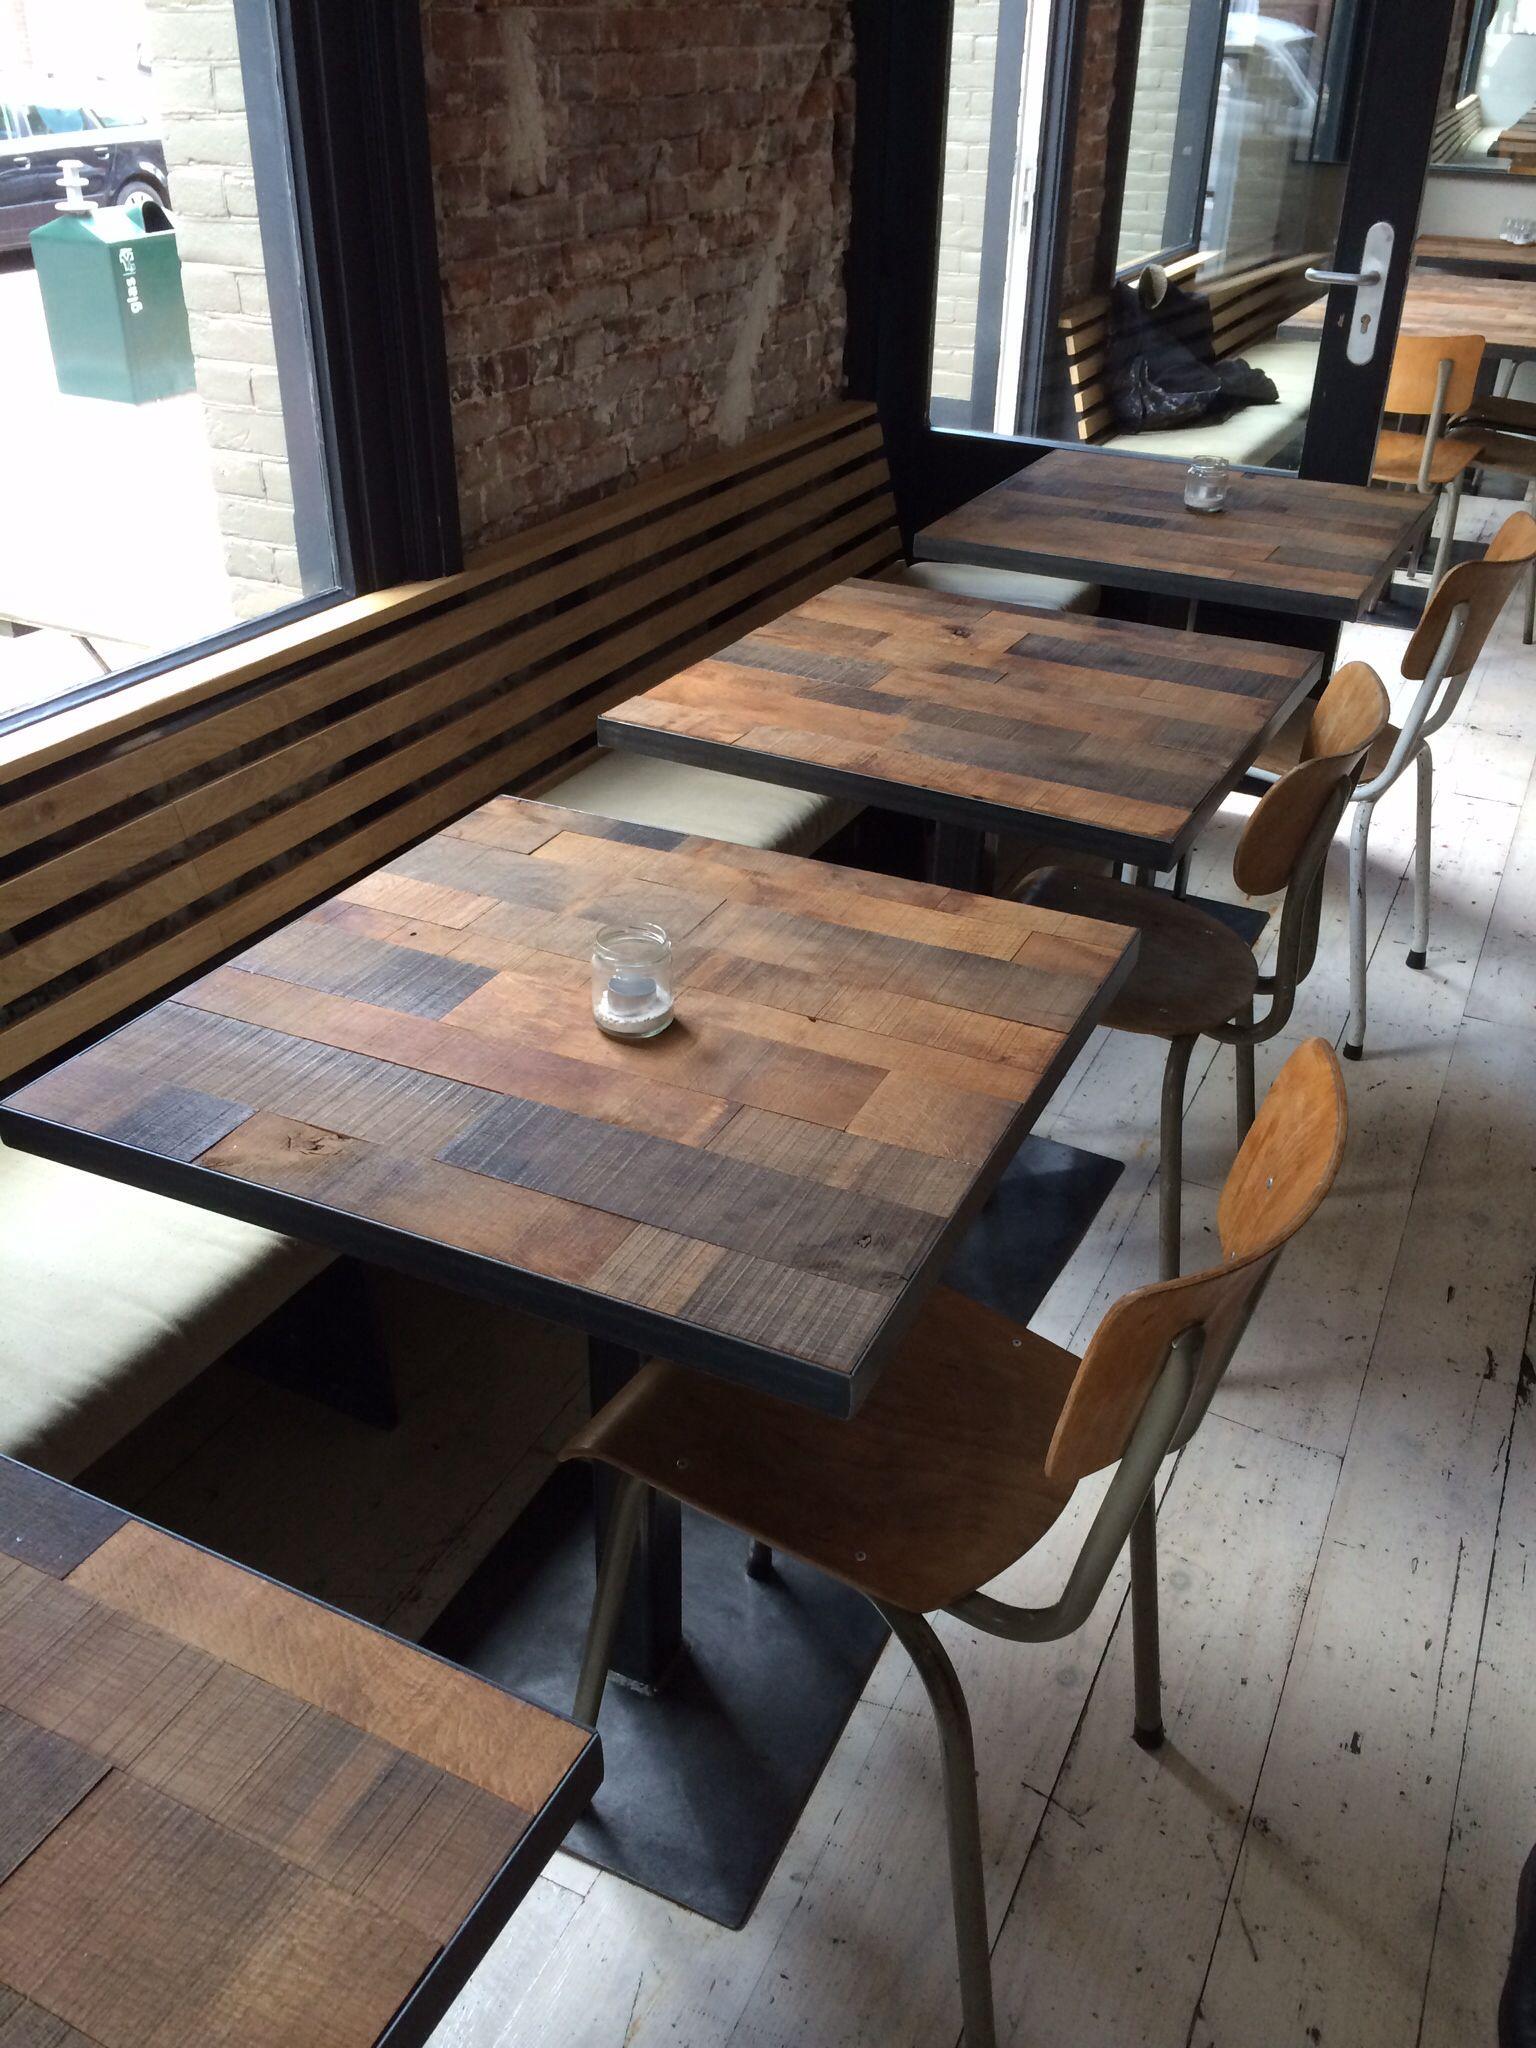 BISTRO TISCH Bistrotisch Imbiss döne Essentisch Holztisch